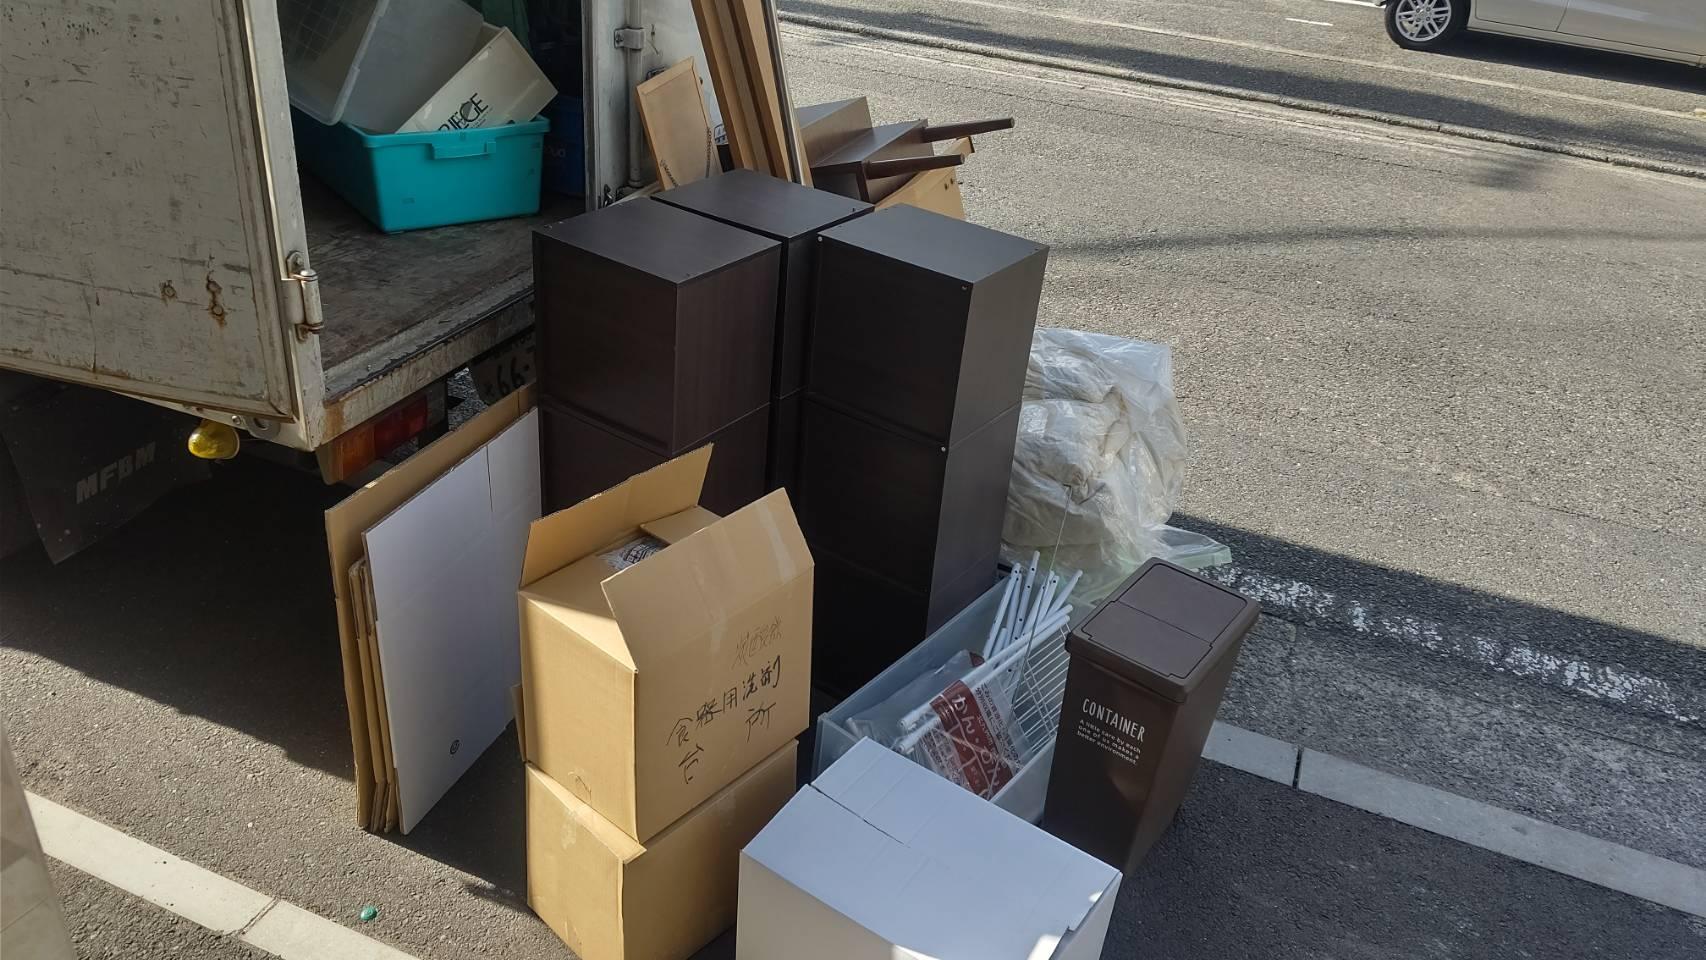 木製の収納ボックス、台所不用品、その他不用の回収前